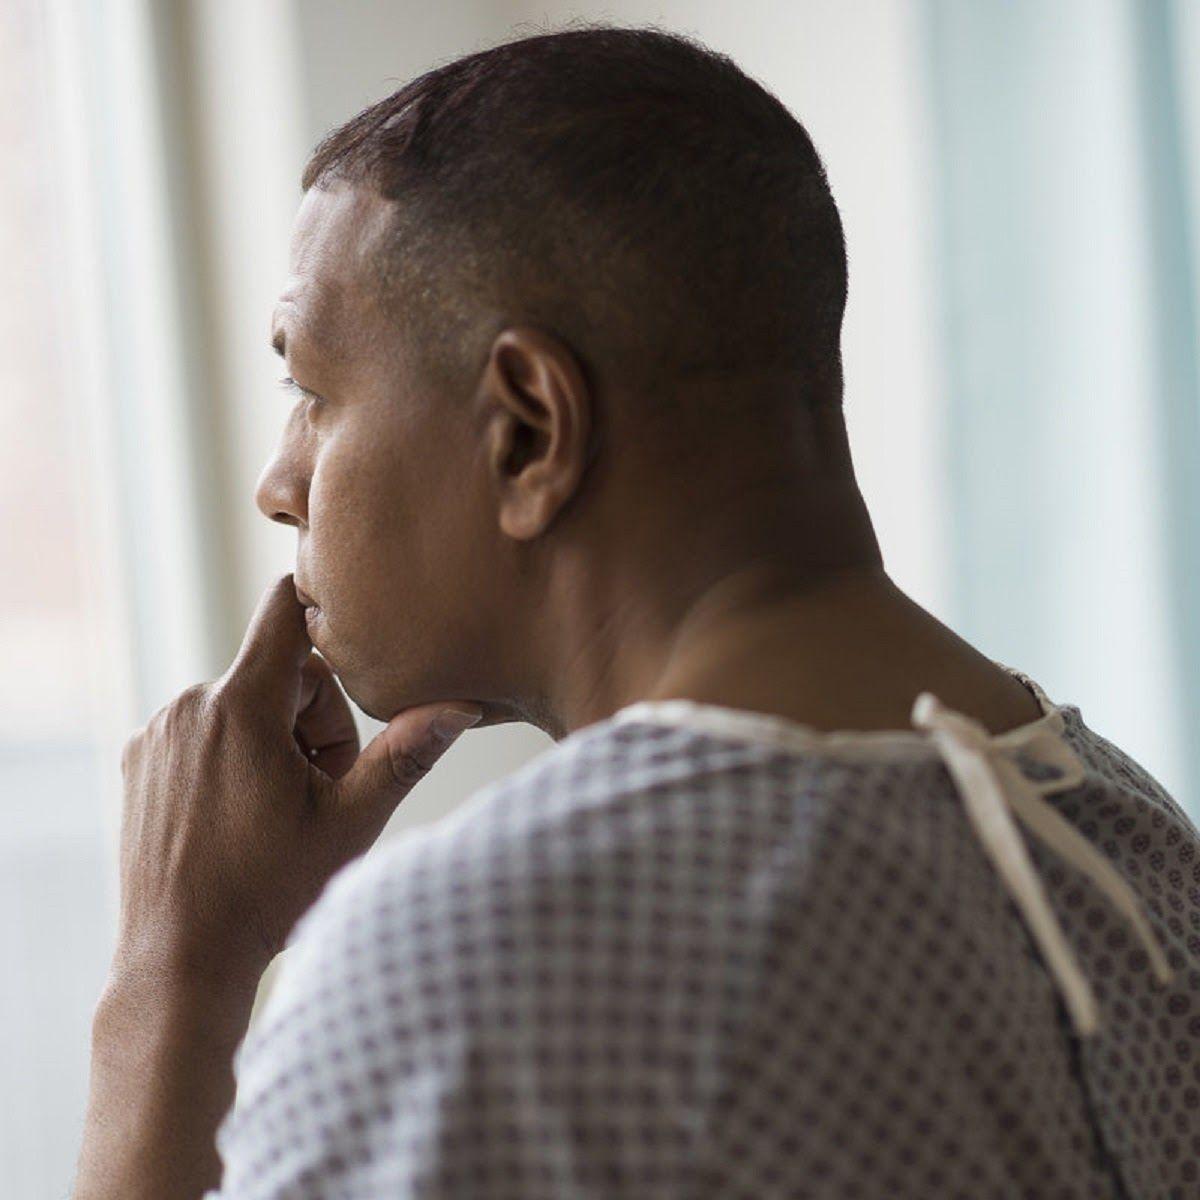 Rối loạn hormon bắt nguồn từ bệnh lý tinh hoàn có thể là nguyên nhân gây ung thư vú ở nam giới